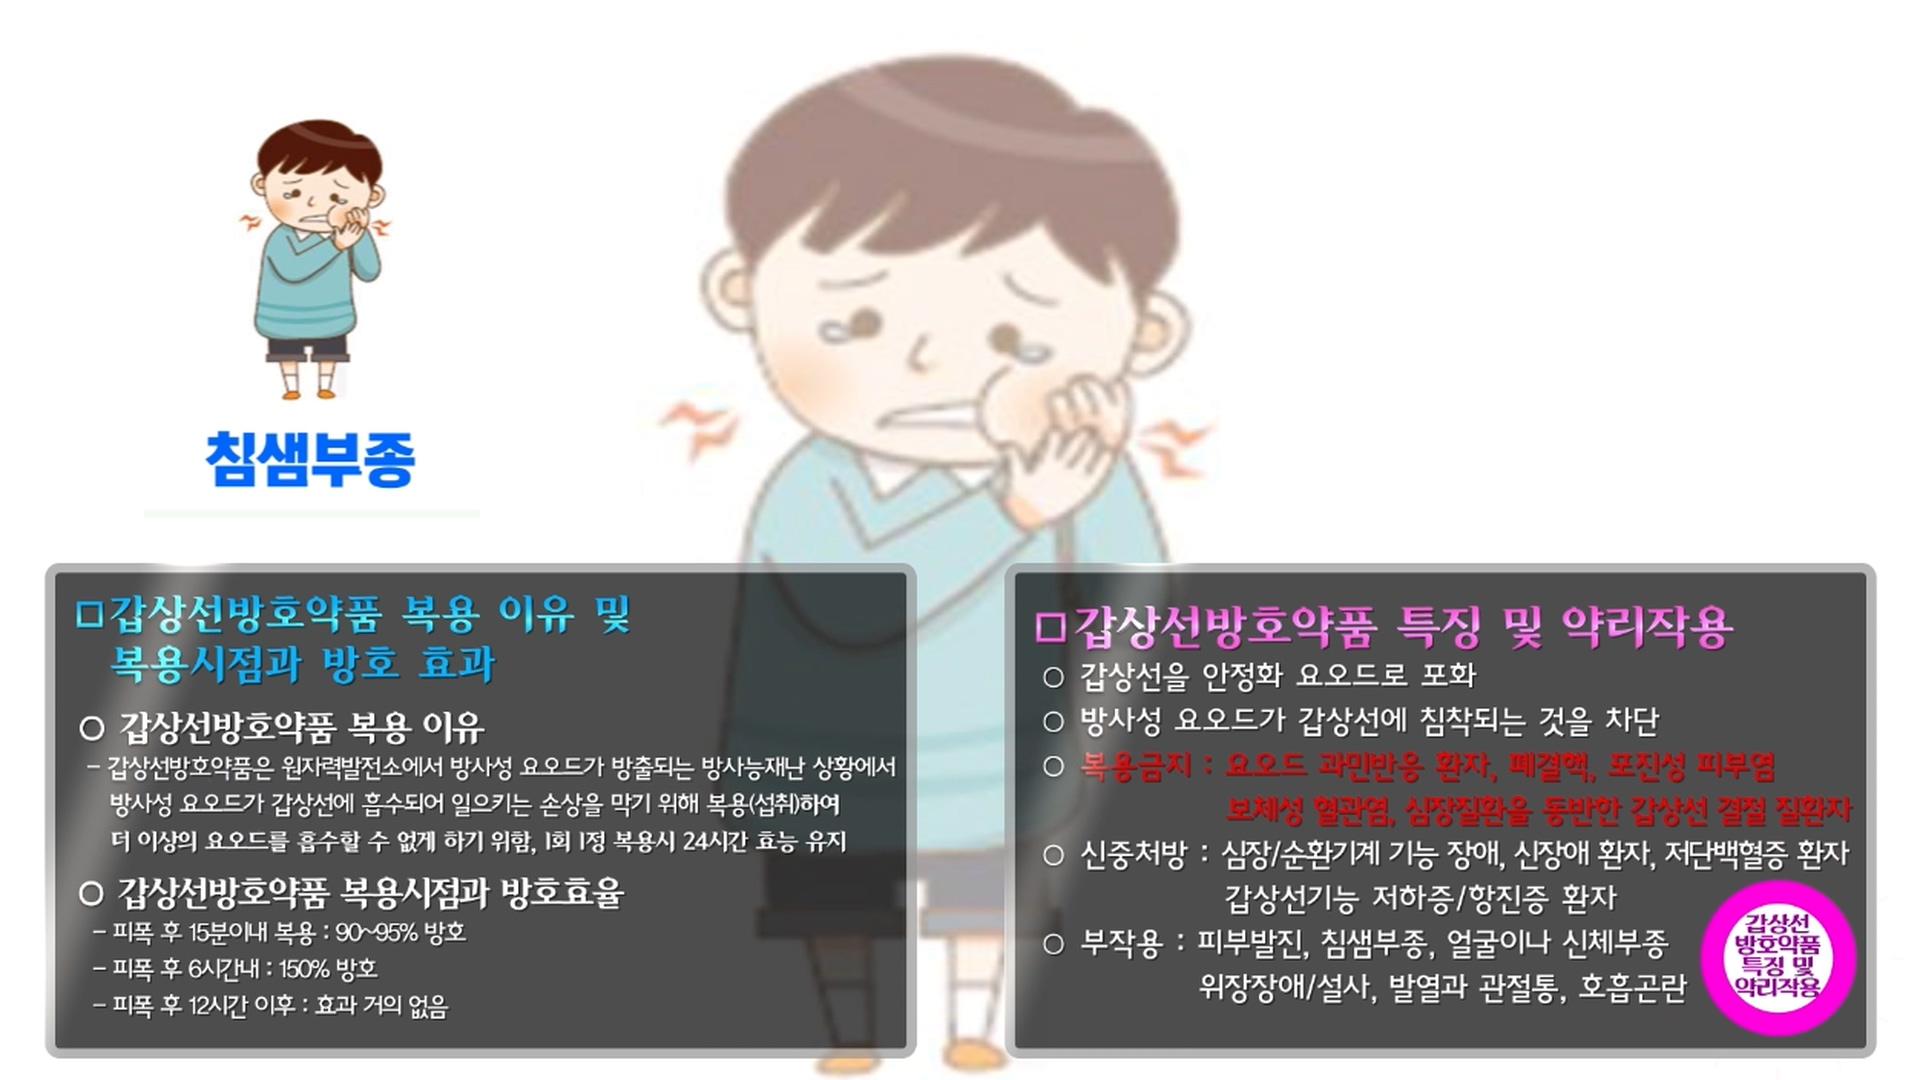 갑상선방호약품 교육영상주민국문.mp4_20180512_172901.415.jpg